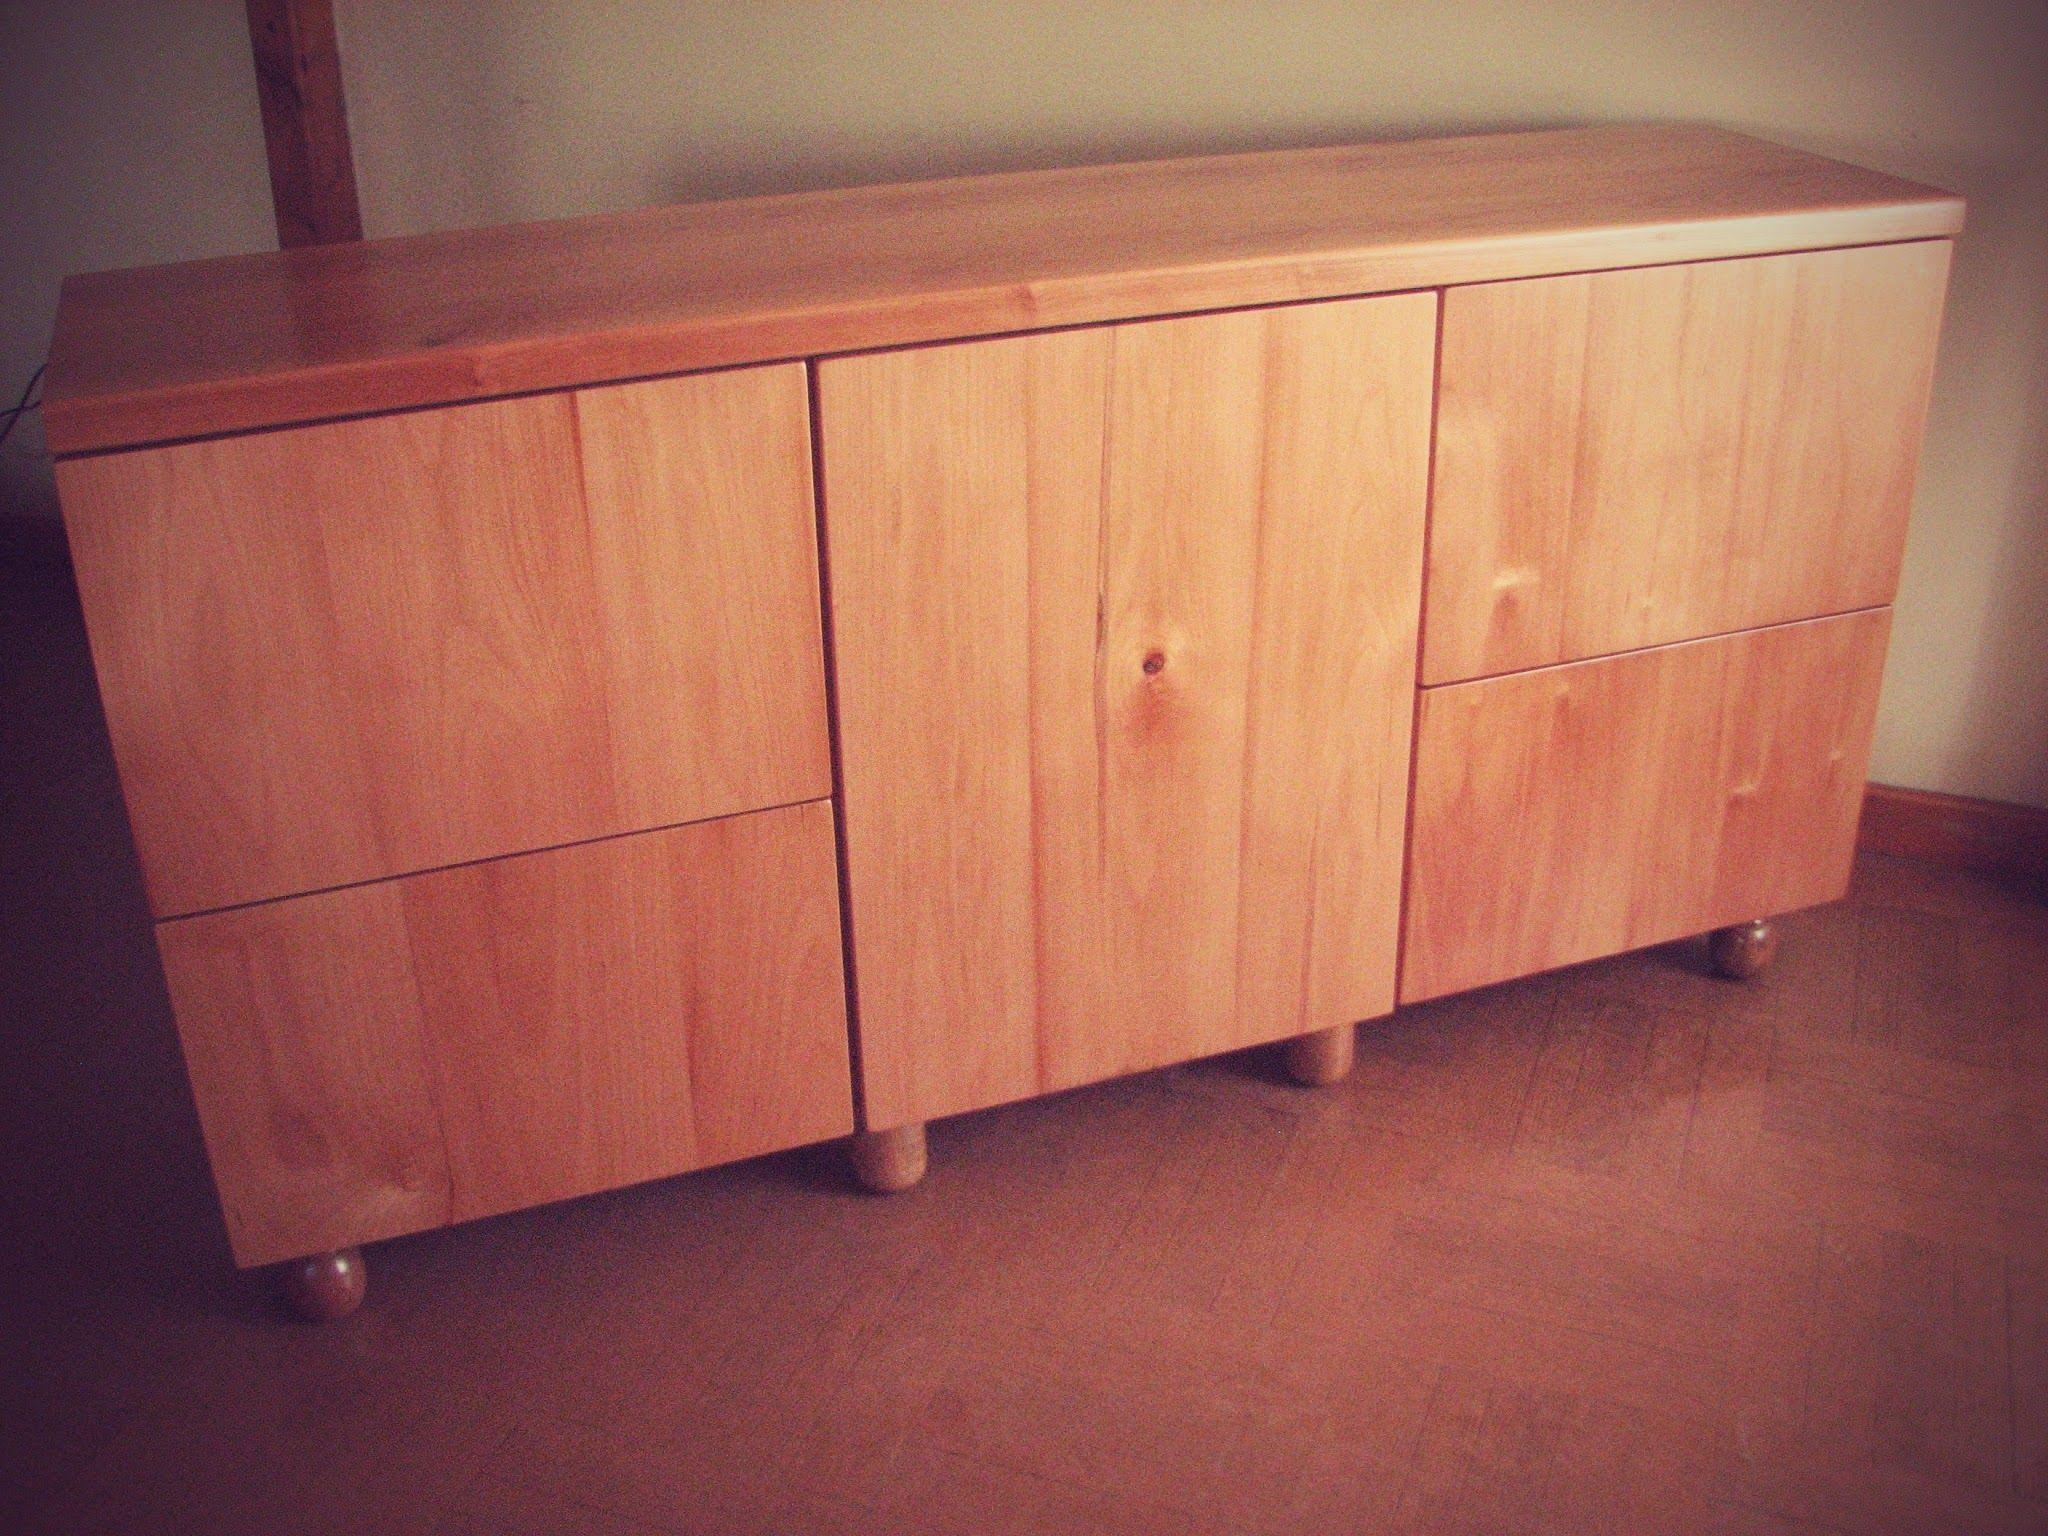 Mueble construido con madera de raulí | Aparador raulí | Pinterest ...